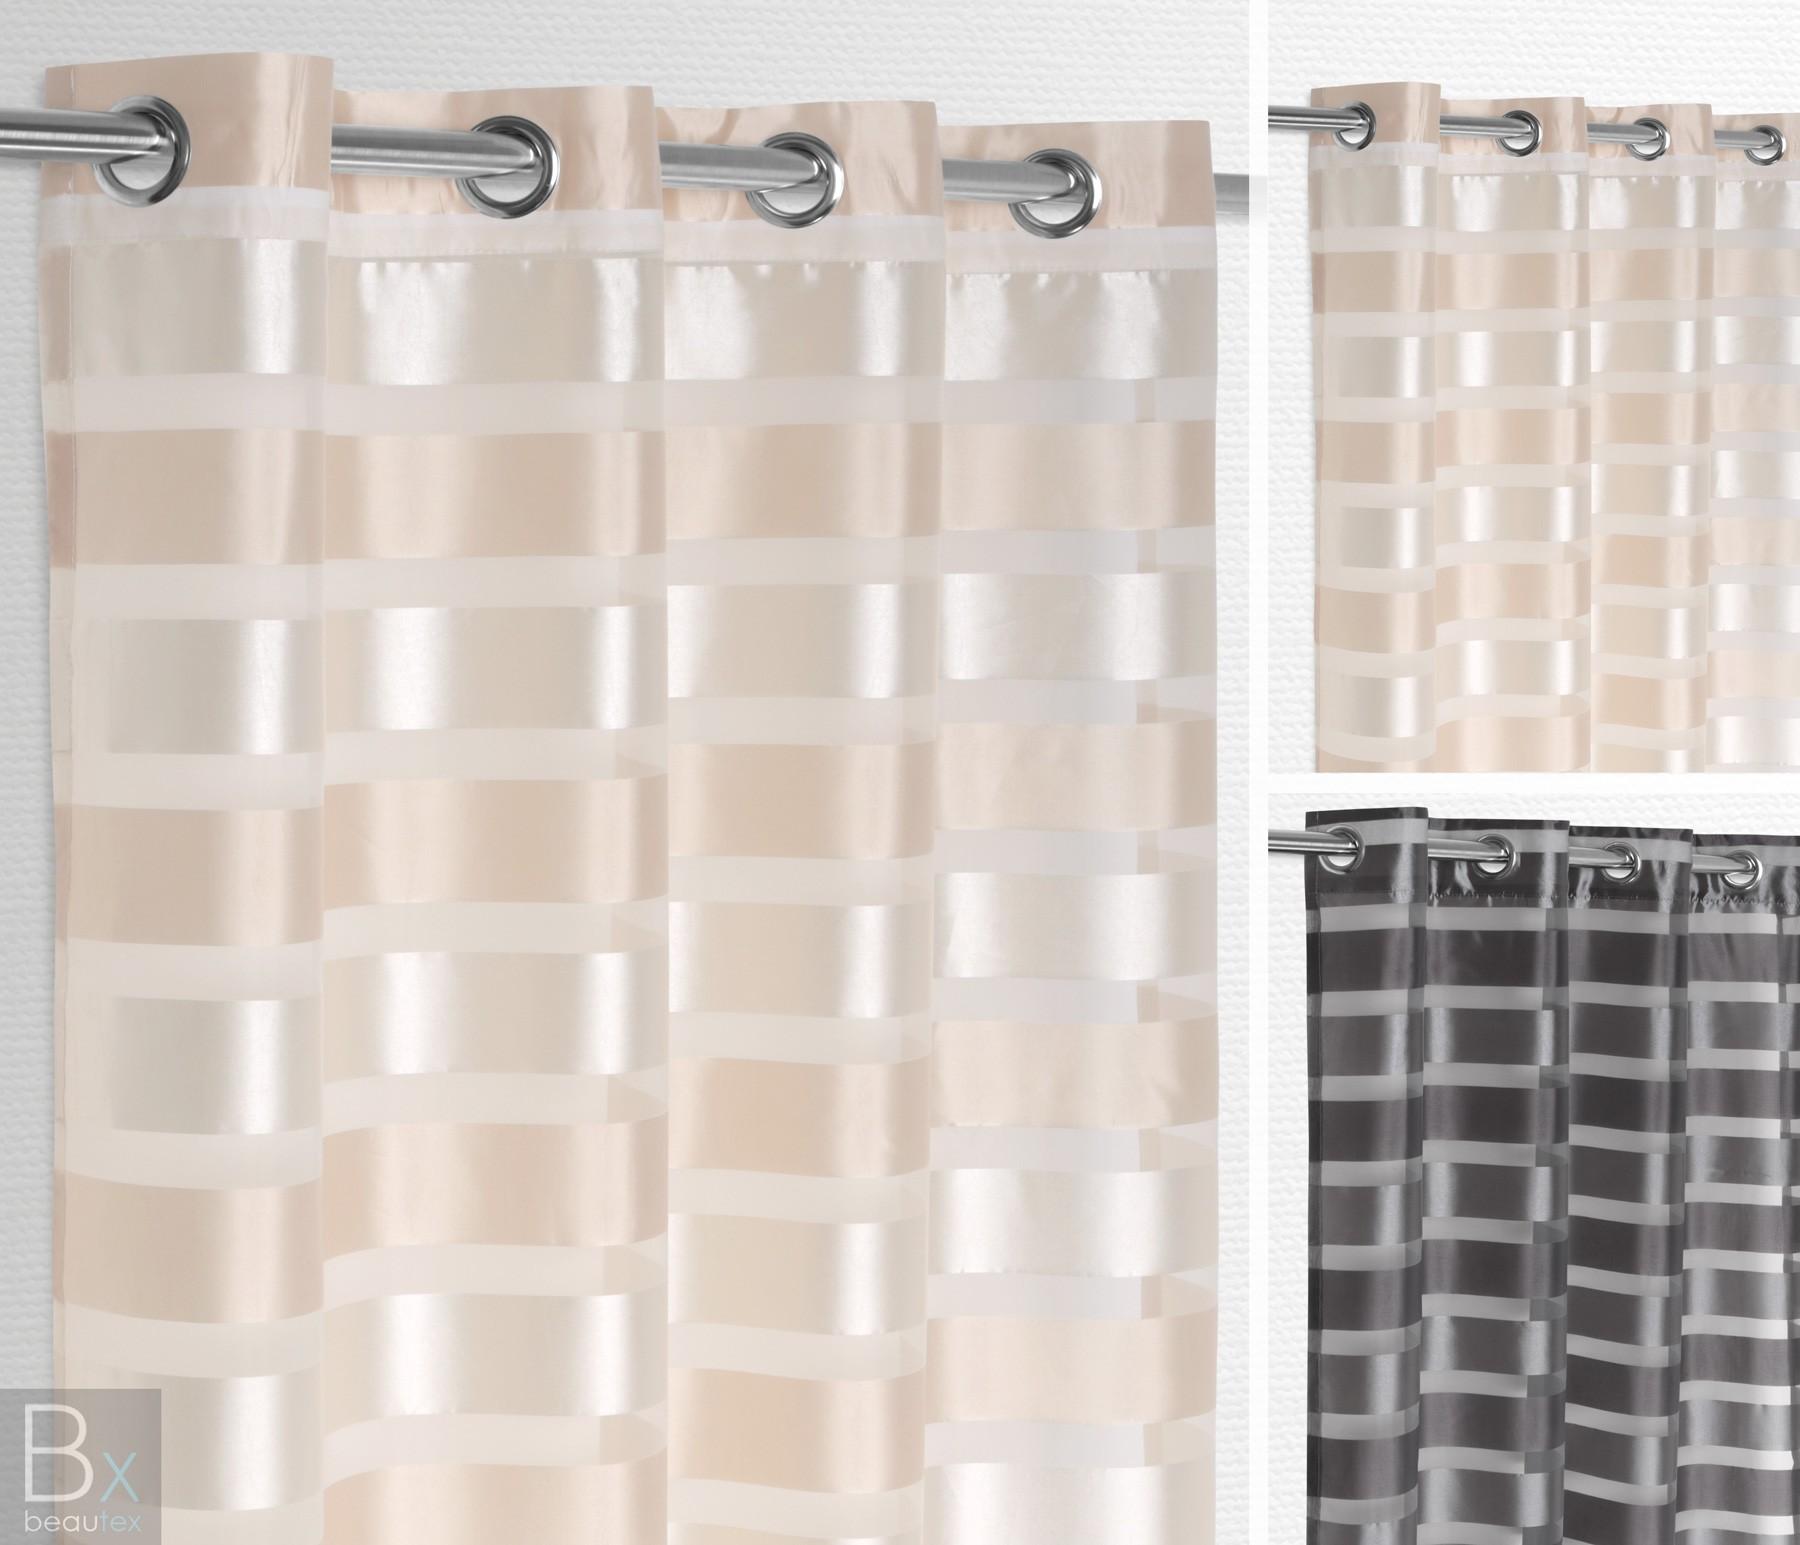 Gardinenschals Mit Ösen luftiger Ösenschal gestreift, leichte gardine mit Ösen 140x245 cm